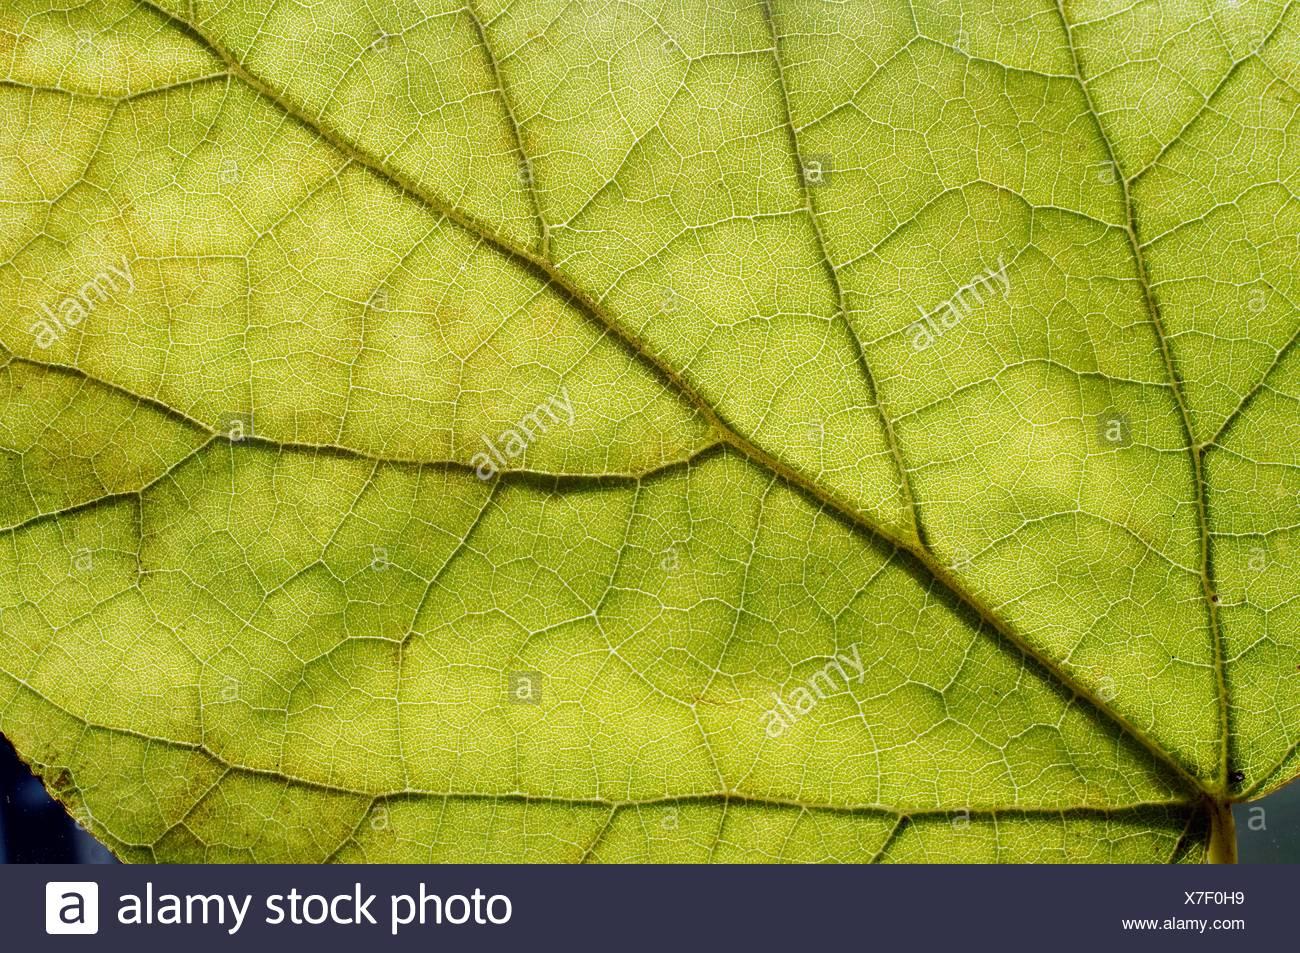 Leaf detail - Stock Image